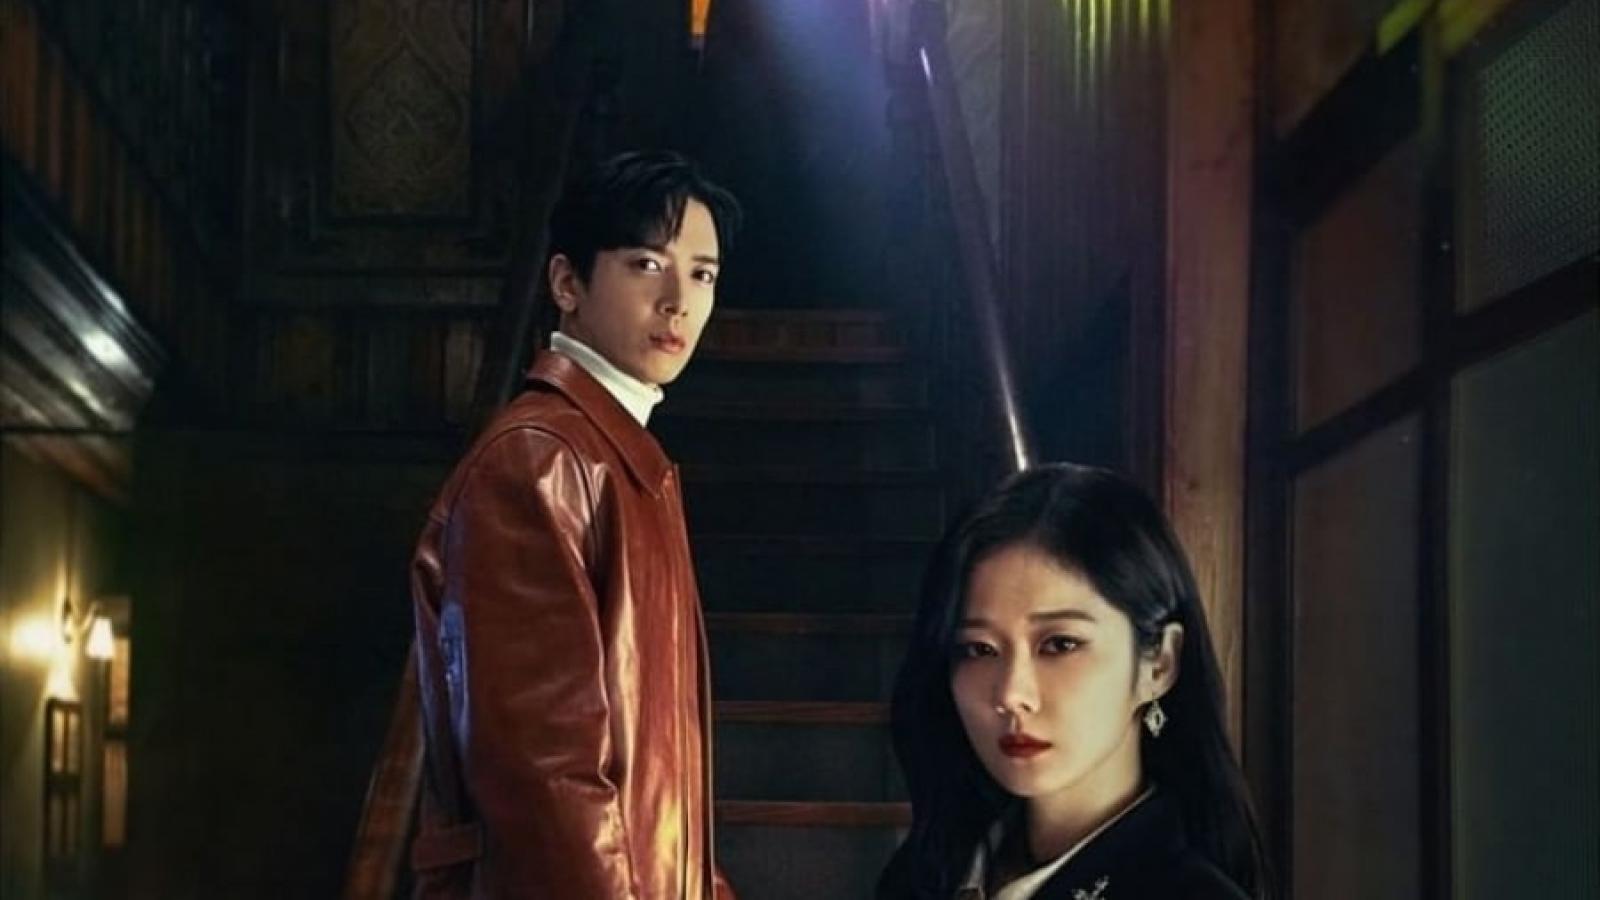 Phim truyền hình Hàn Quốc đáng chờ đợi nhất trong tháng 4